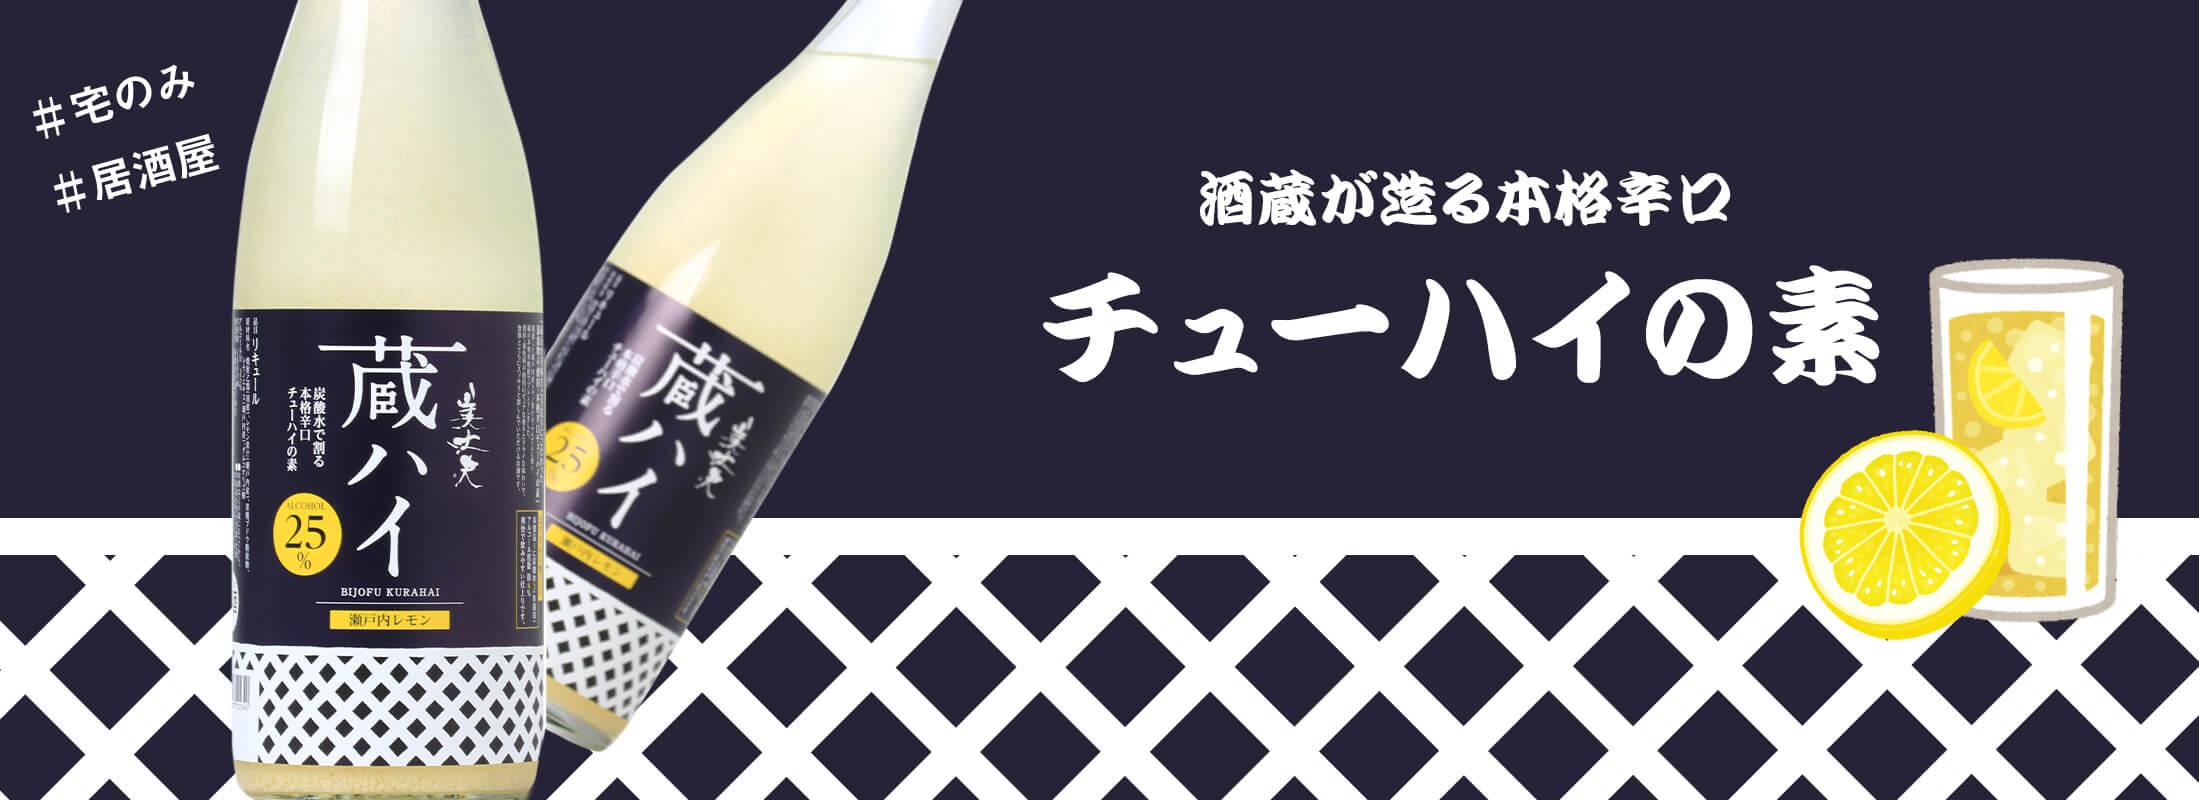 美丈夫 蔵ハイ 瀬戸内レモン